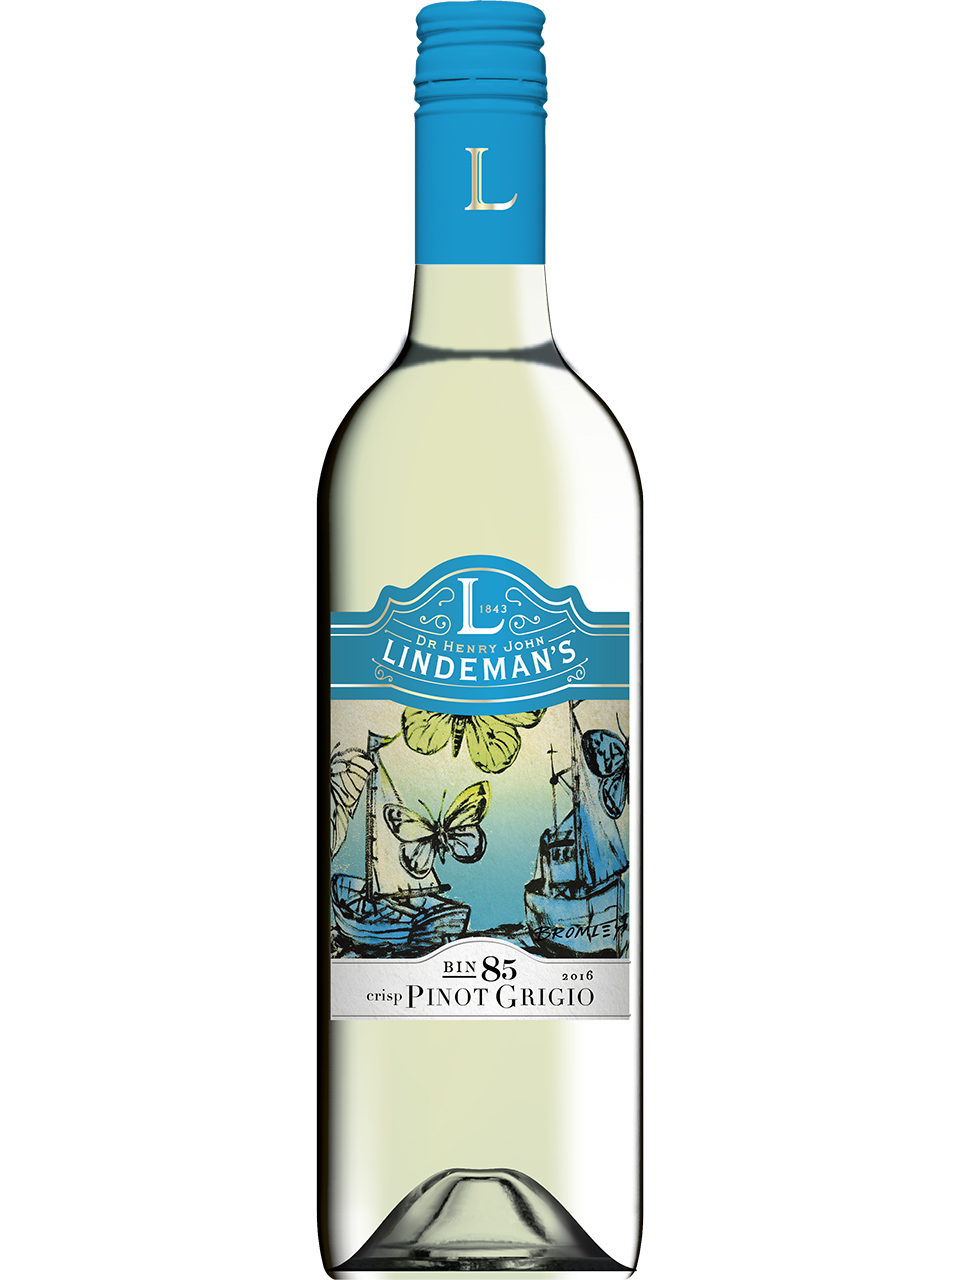 Lindeman's Bin 85 Pinot Grigio